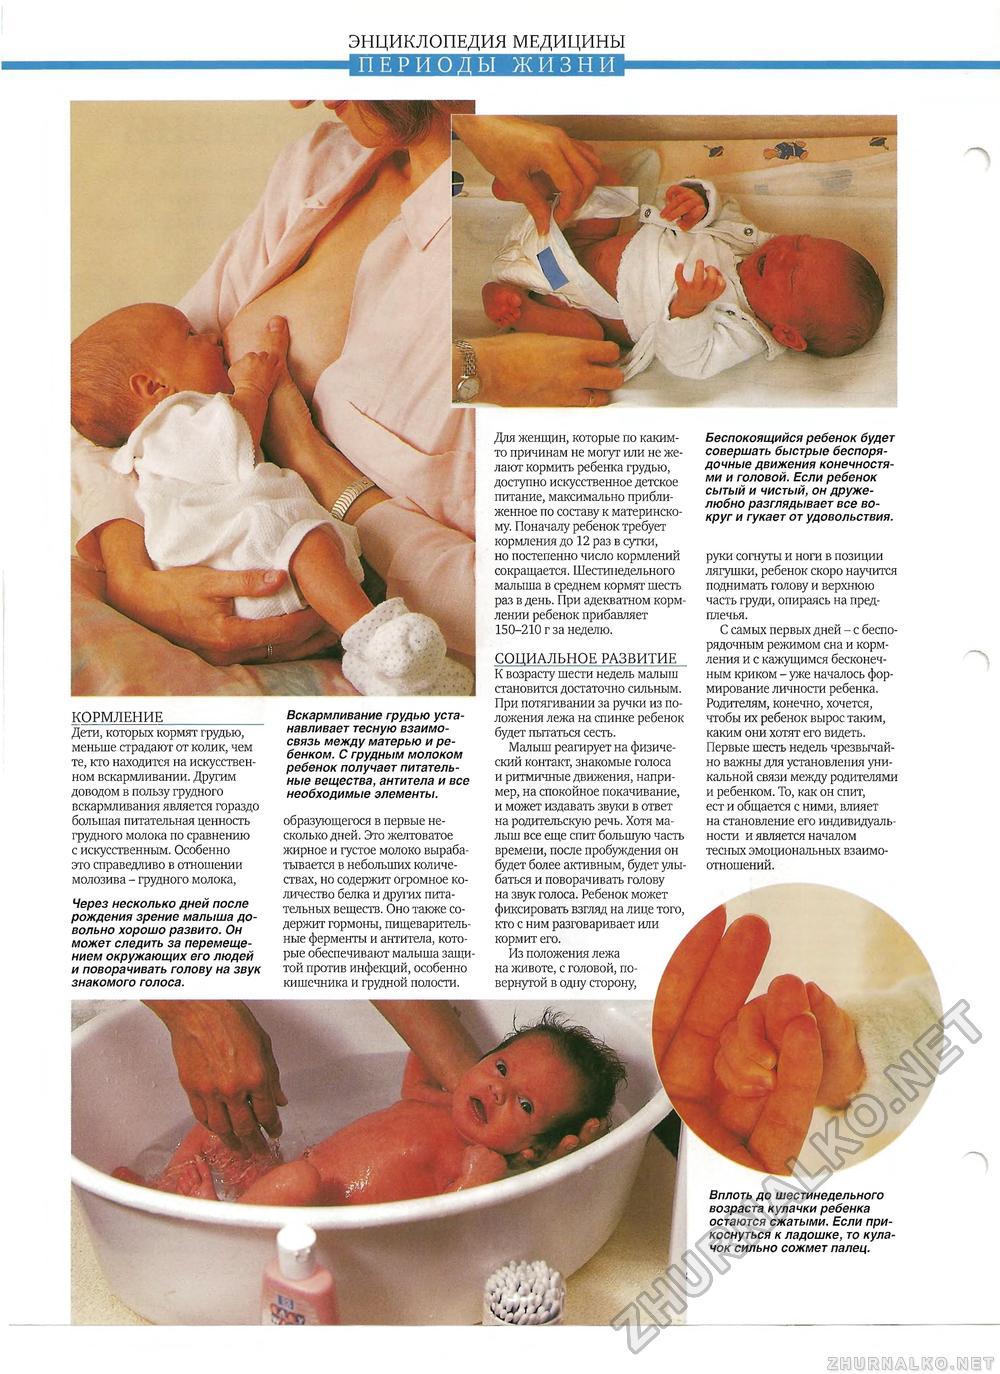 Как правильно держать ребенка при кормлении грудным молоком фото